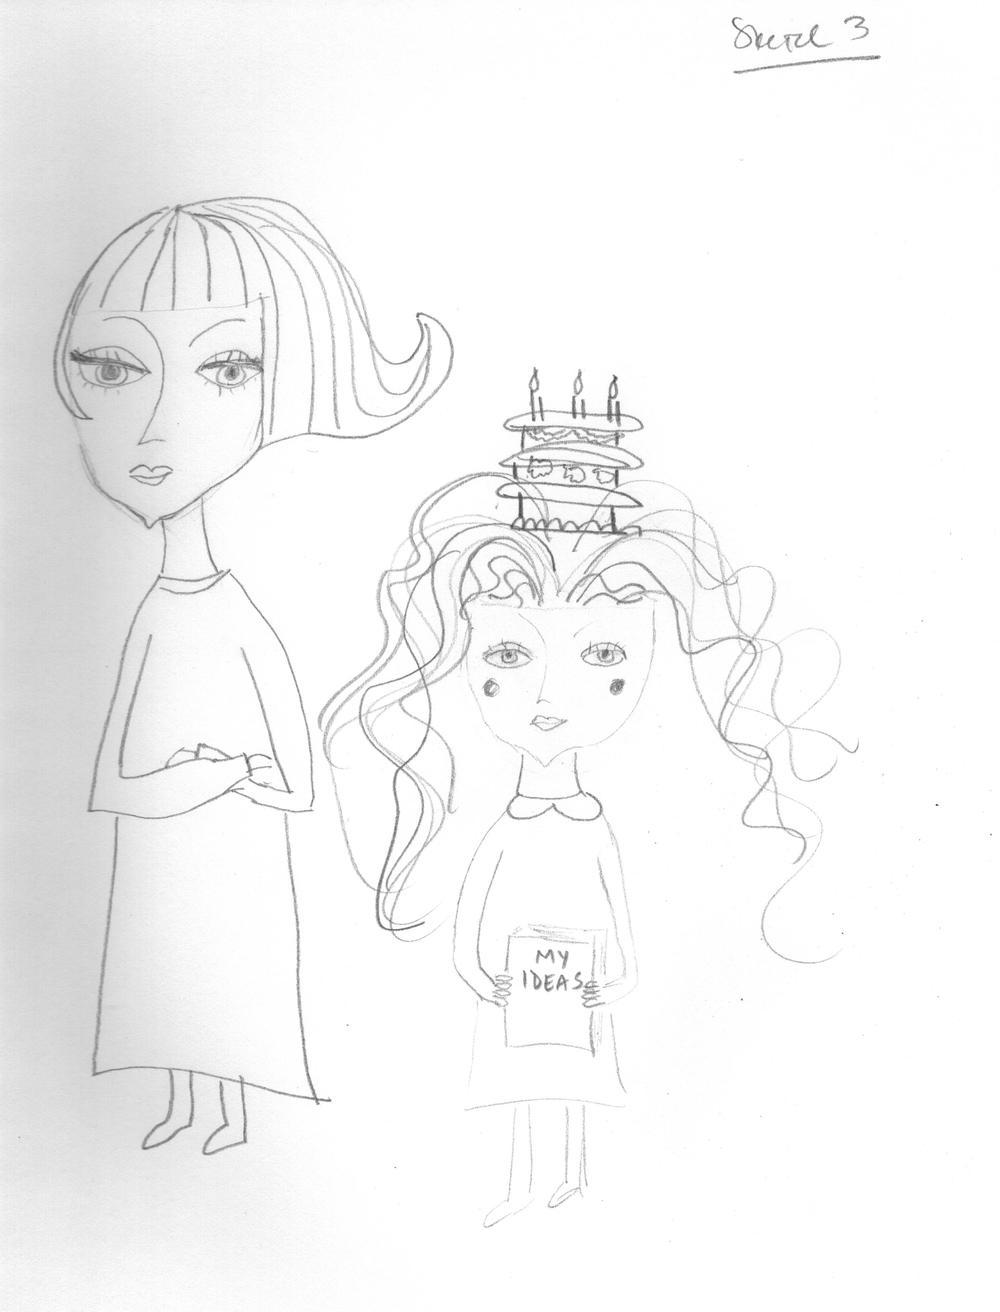 whimsical-characters.jpg